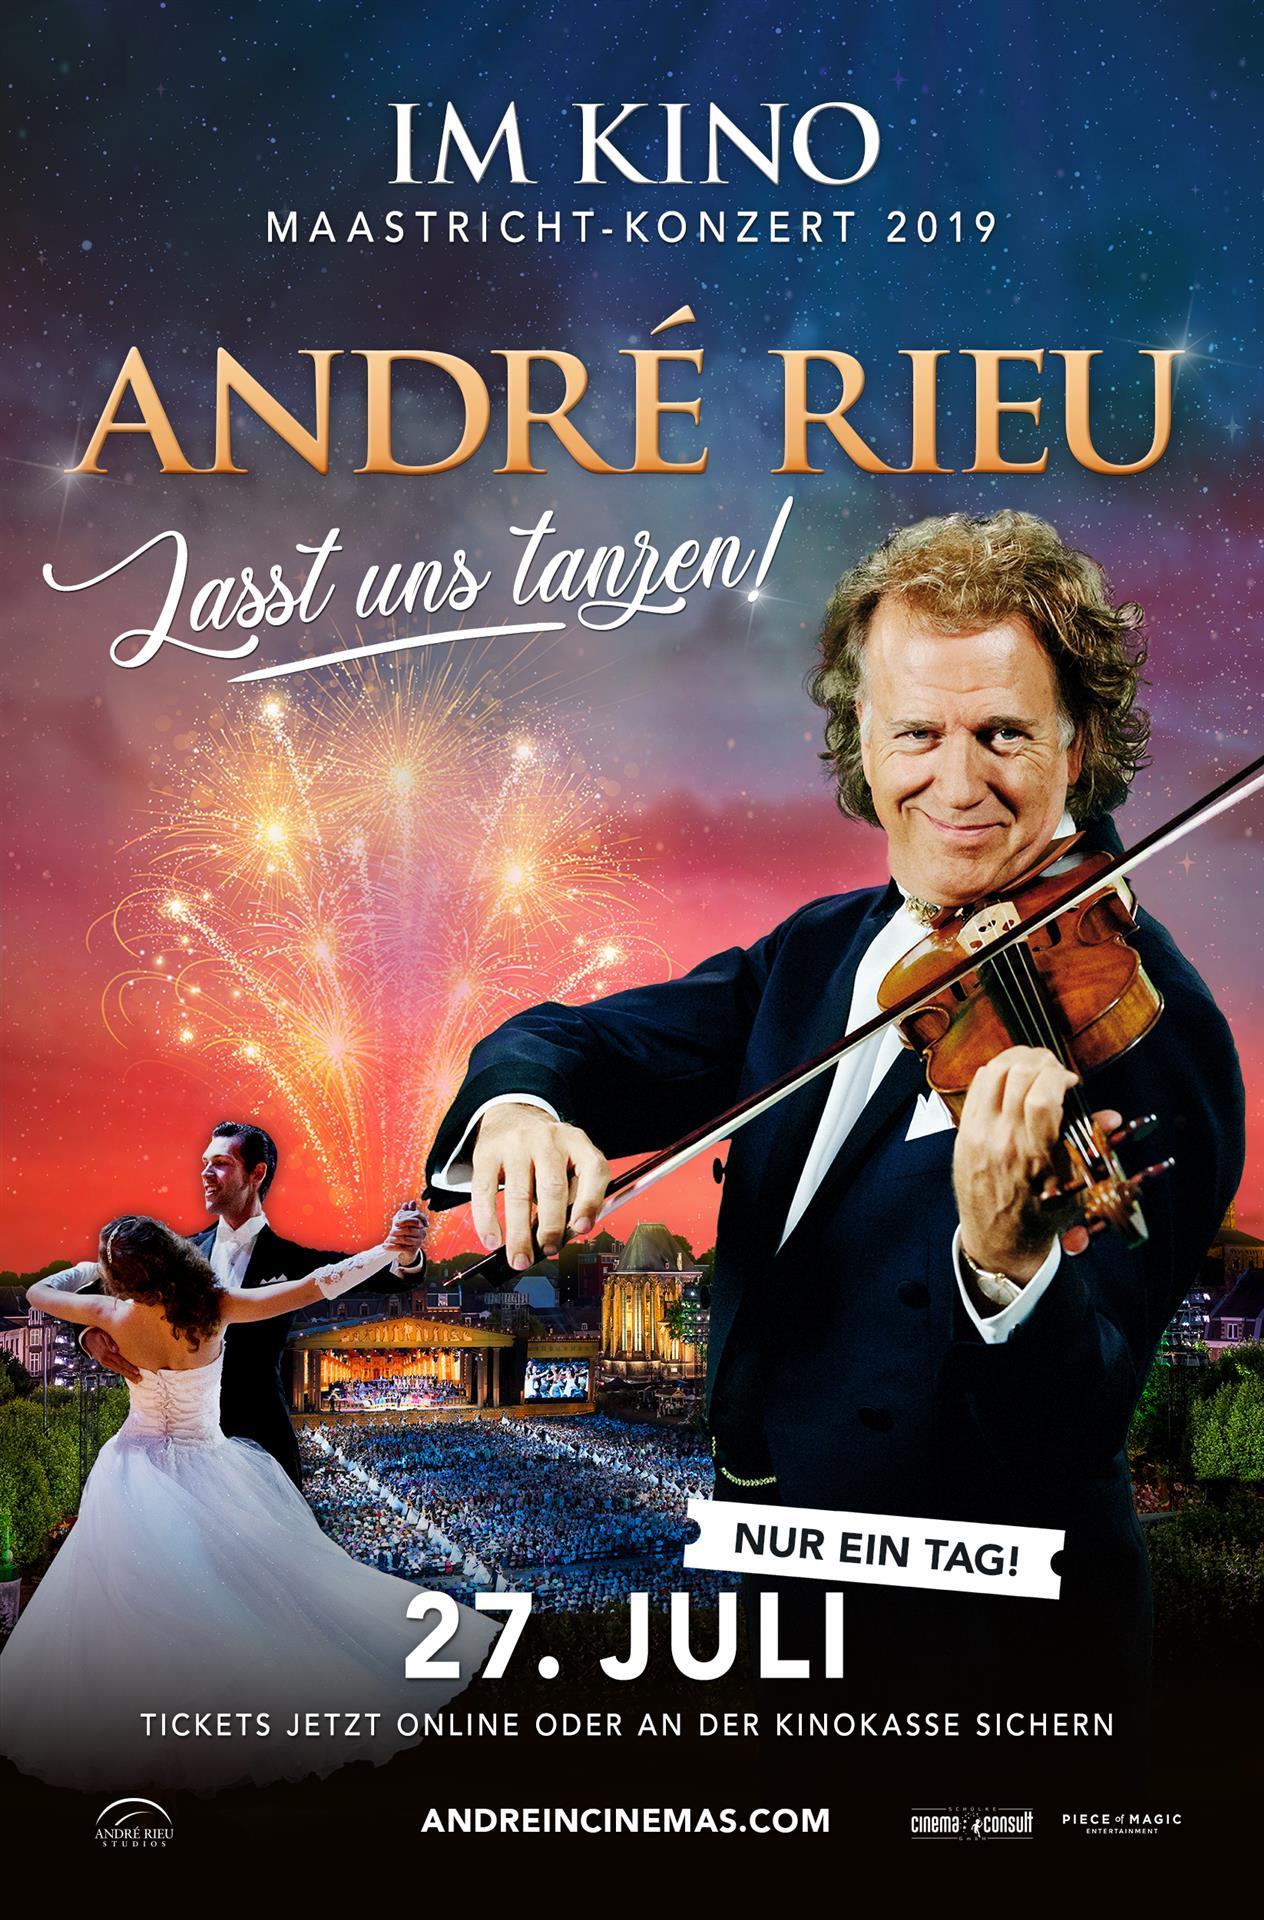 """André Rieus Maastricht-Konzert 2019 """"Lasst uns tanzen!"""""""